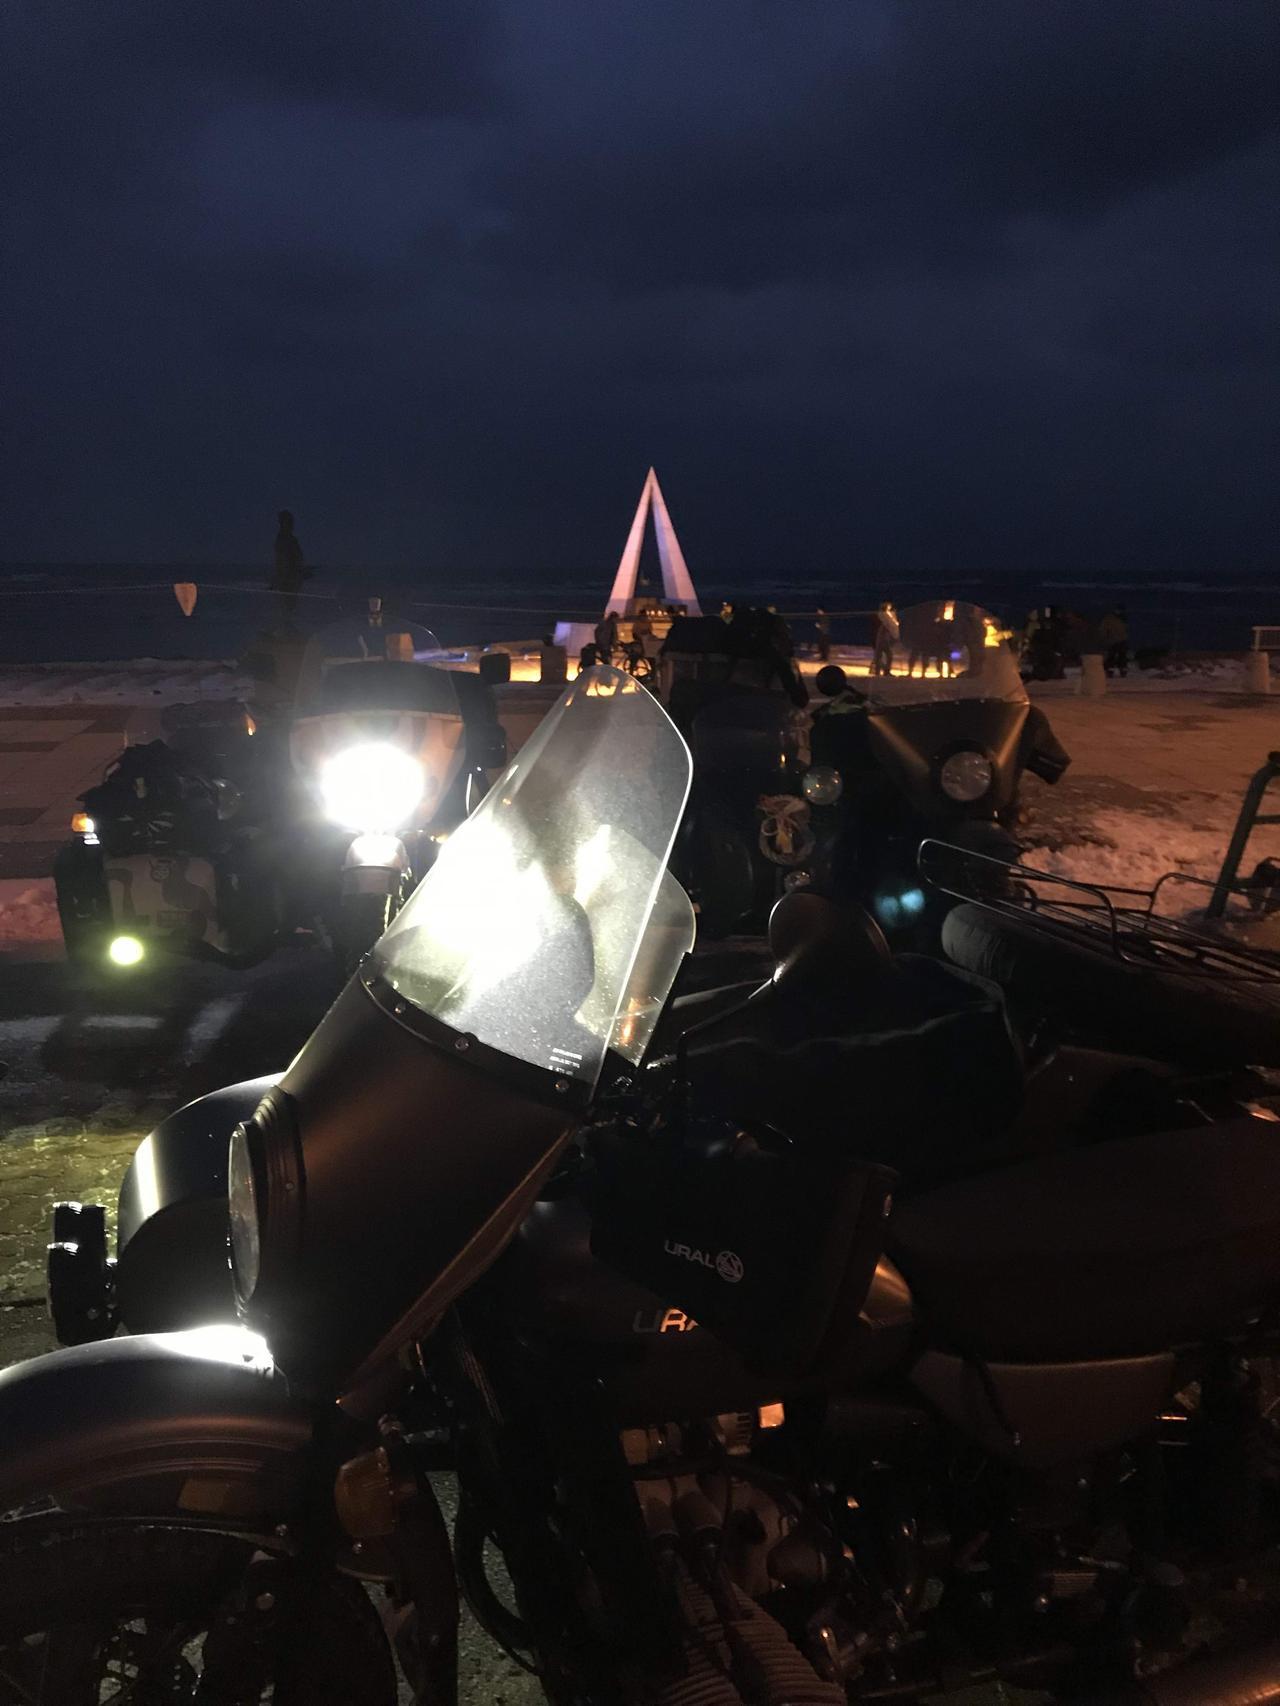 画像: [目指せ宗谷岬!!] URAL WINTER RIDE 参加記 後編 [冬の北海道を走る!!] - LAWRENCE - Motorcycle x Cars + α = Your Life.